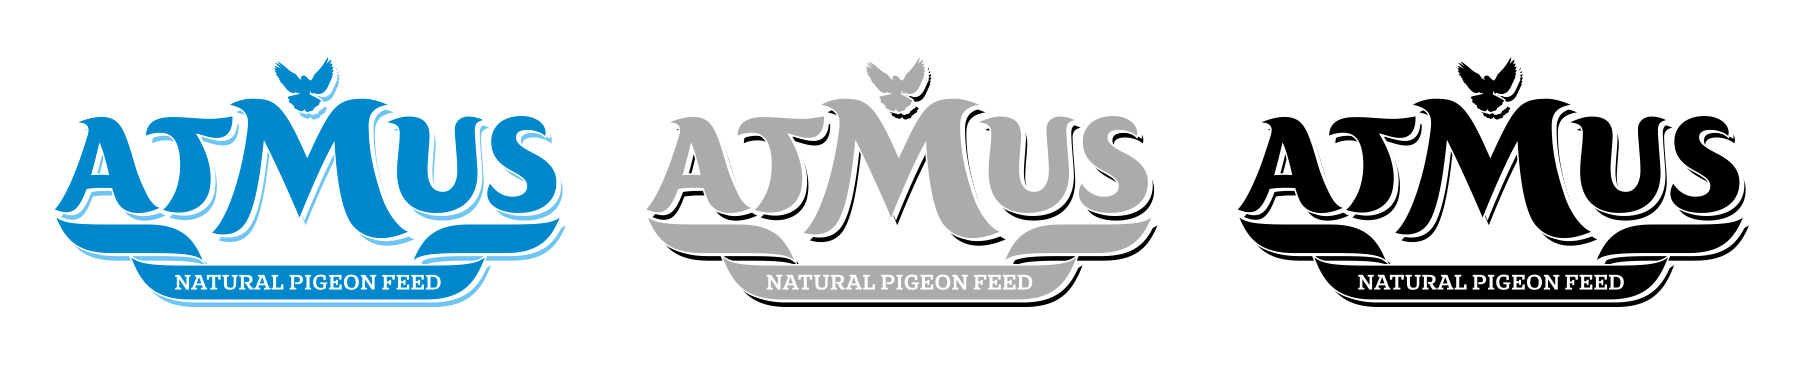 Търговска марка Atmus - цветна,  монохромна,  черно-бяла